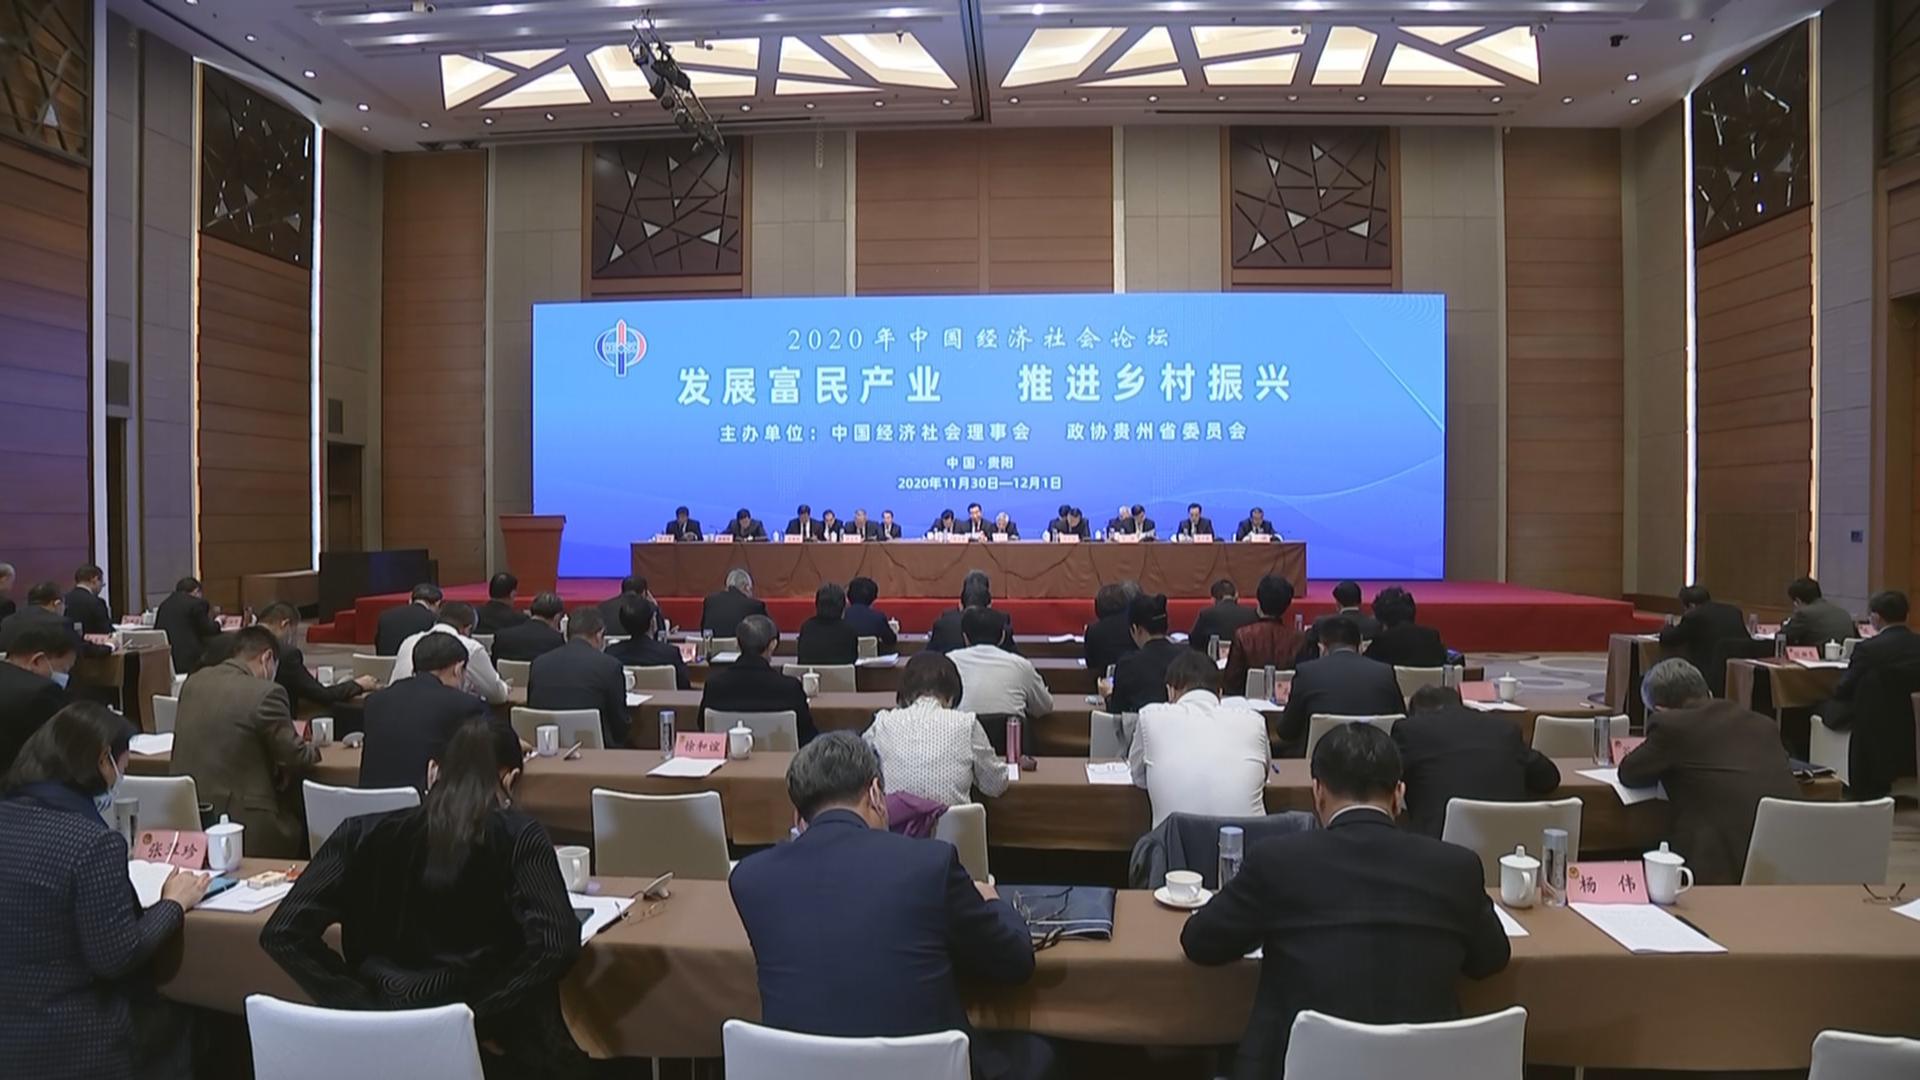 发展富民产业  推进乡村振兴 2020年中国经济社会论坛在贵阳举行